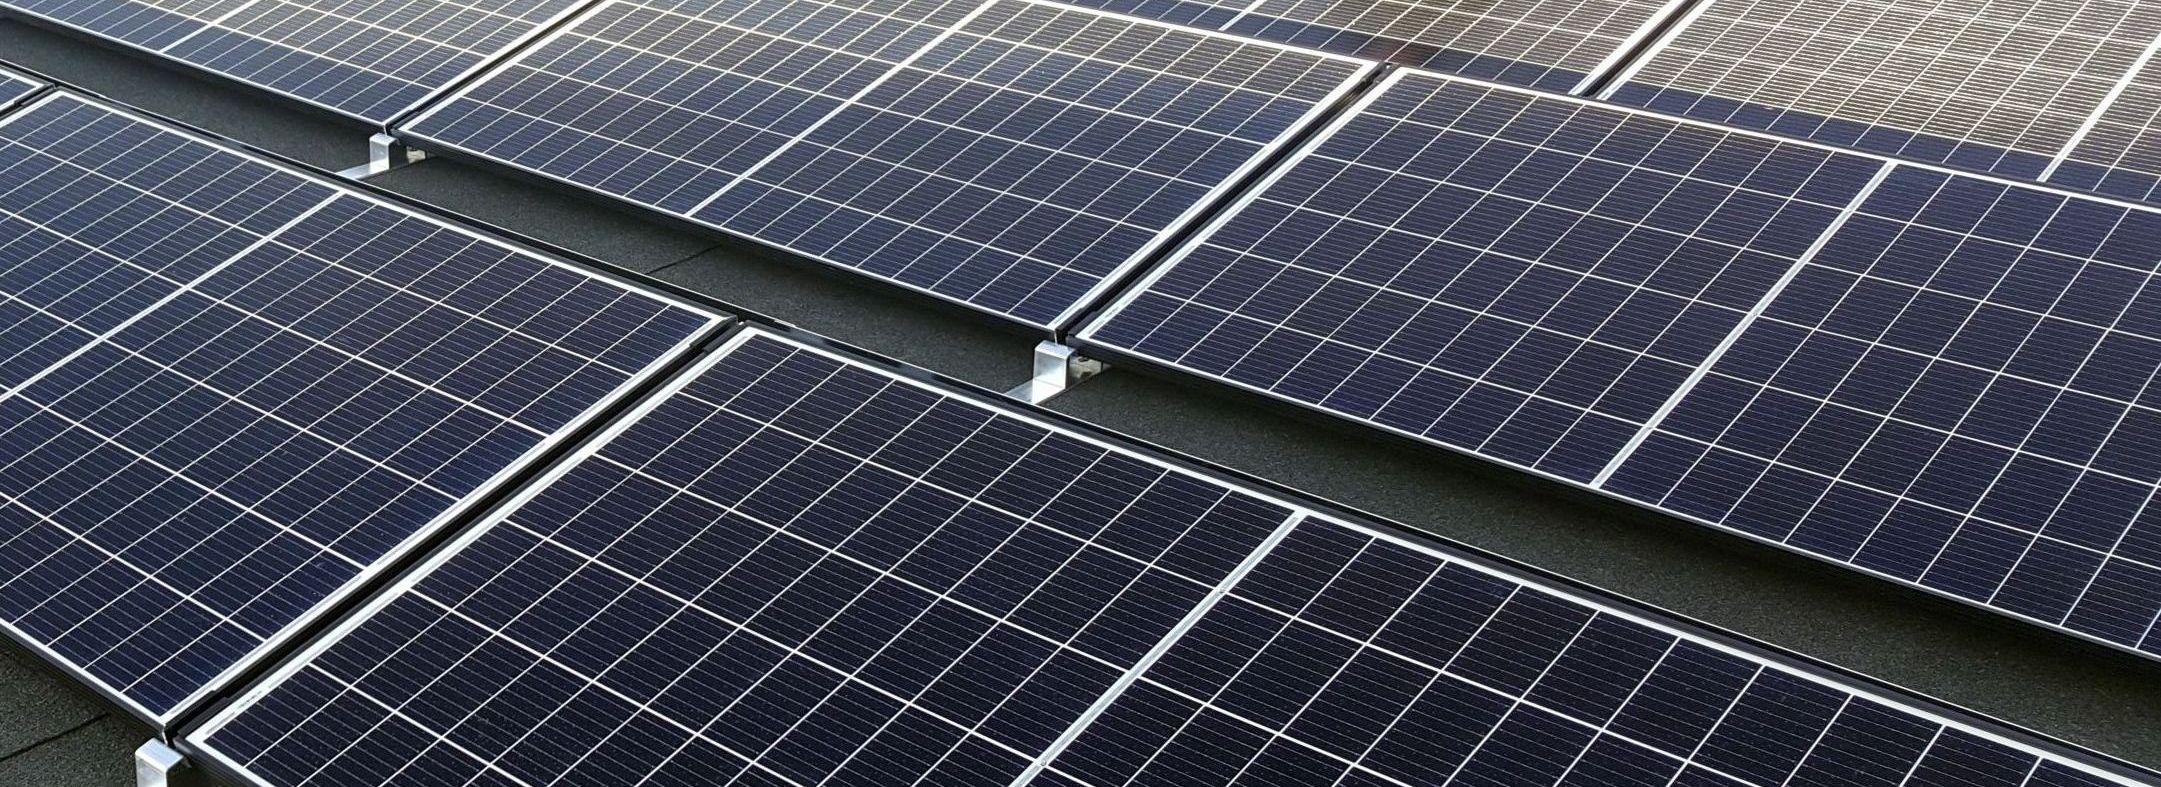 Typy fotovoltaických panelů a jejich vlastnosti